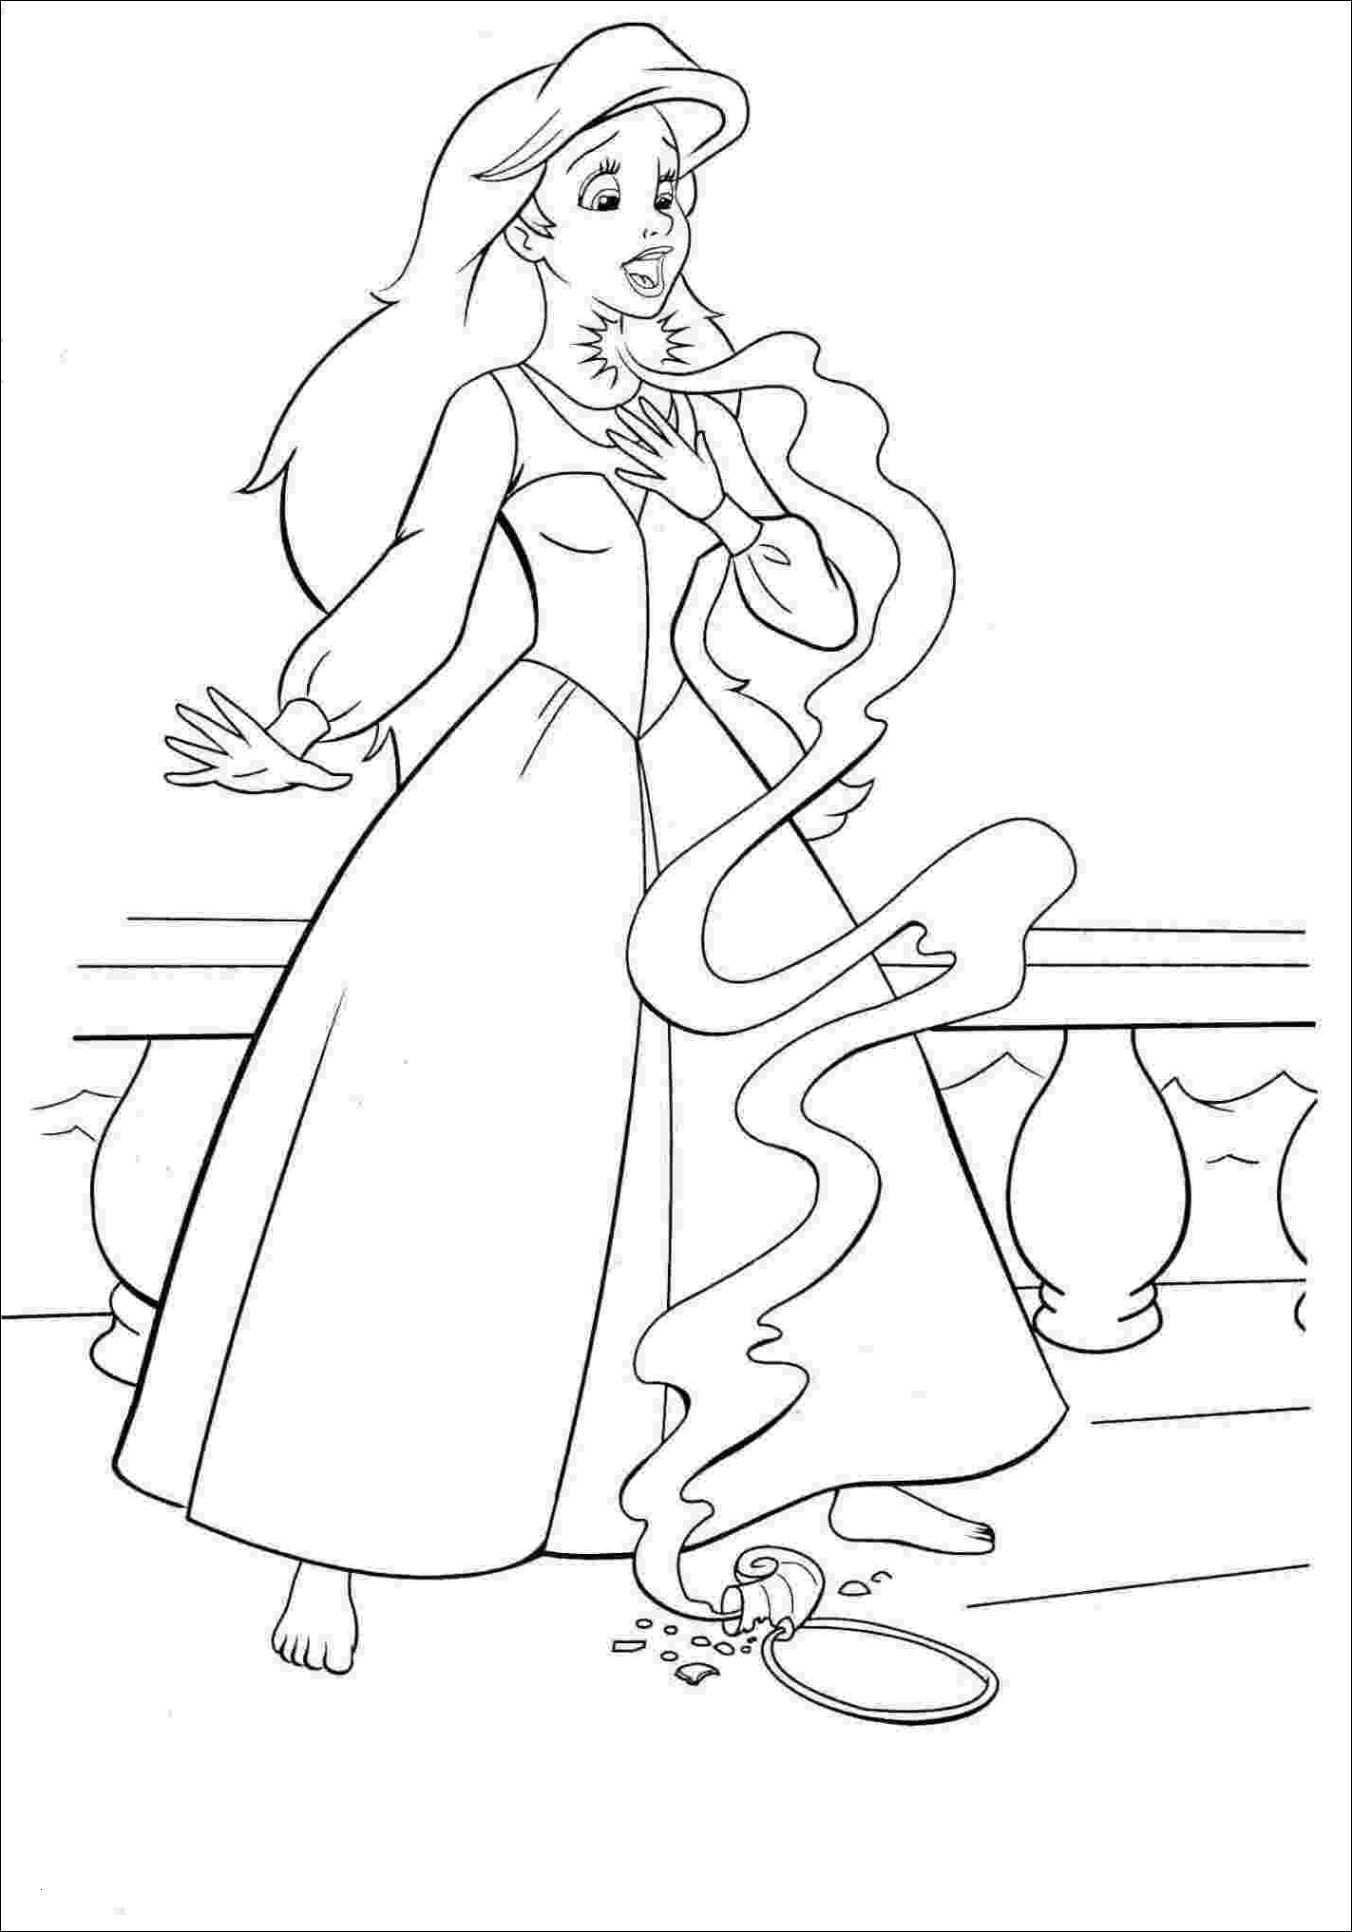 Arielle Ausmalbilder Zum Drucken Kostenlos Frisch Arielle Die Meerjungfrau Ausmalbild Vorstellung Ausmalbilder Fotos